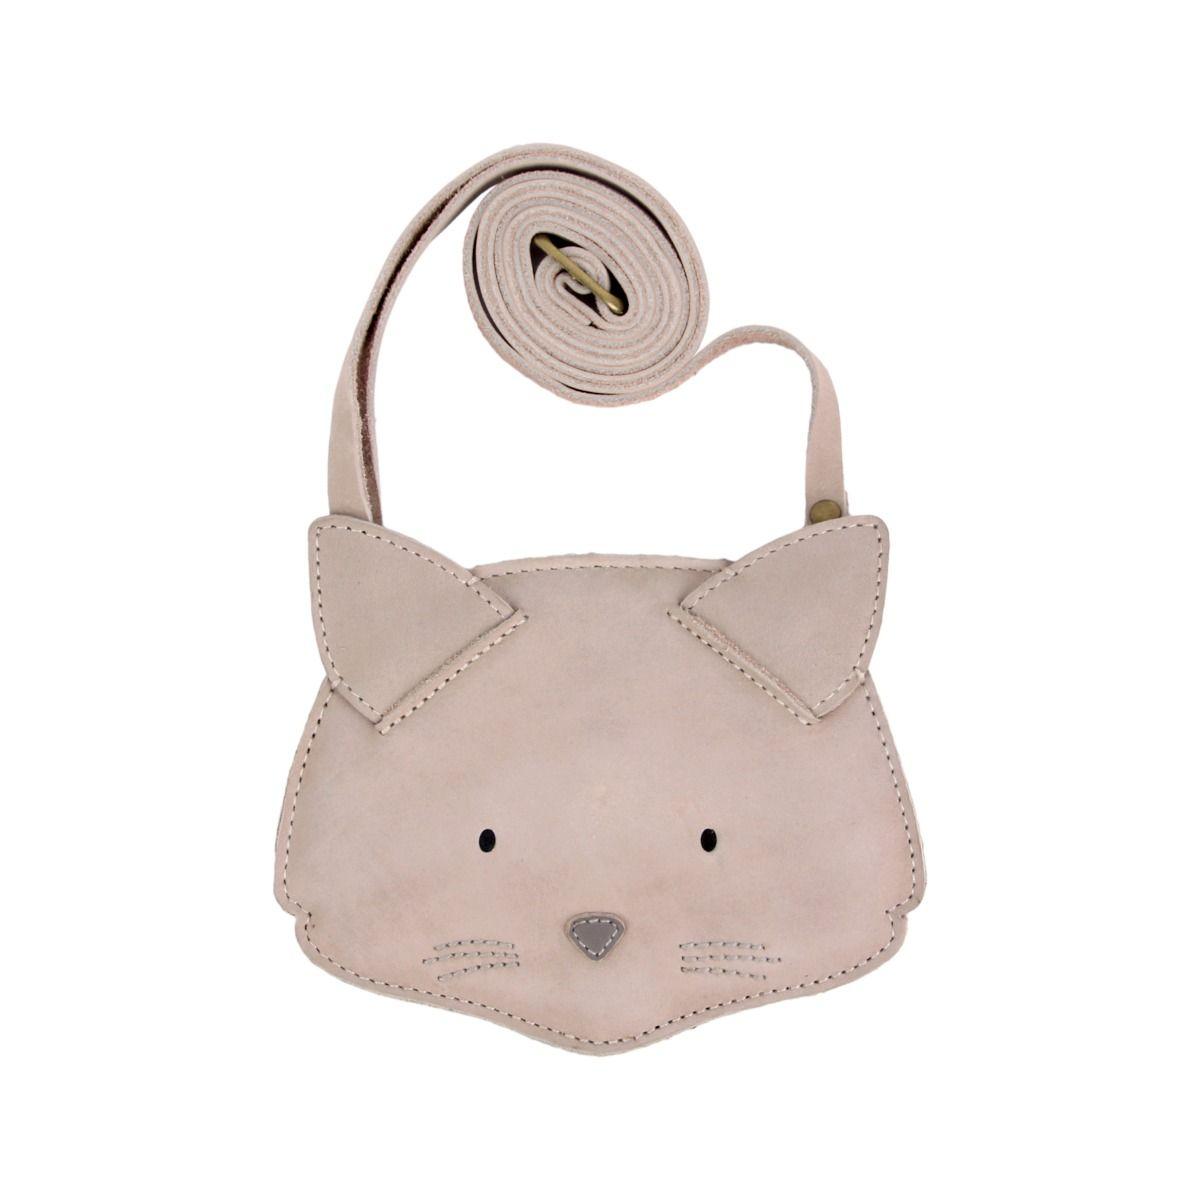 BRITTA CLASSIC PURSE | Cat